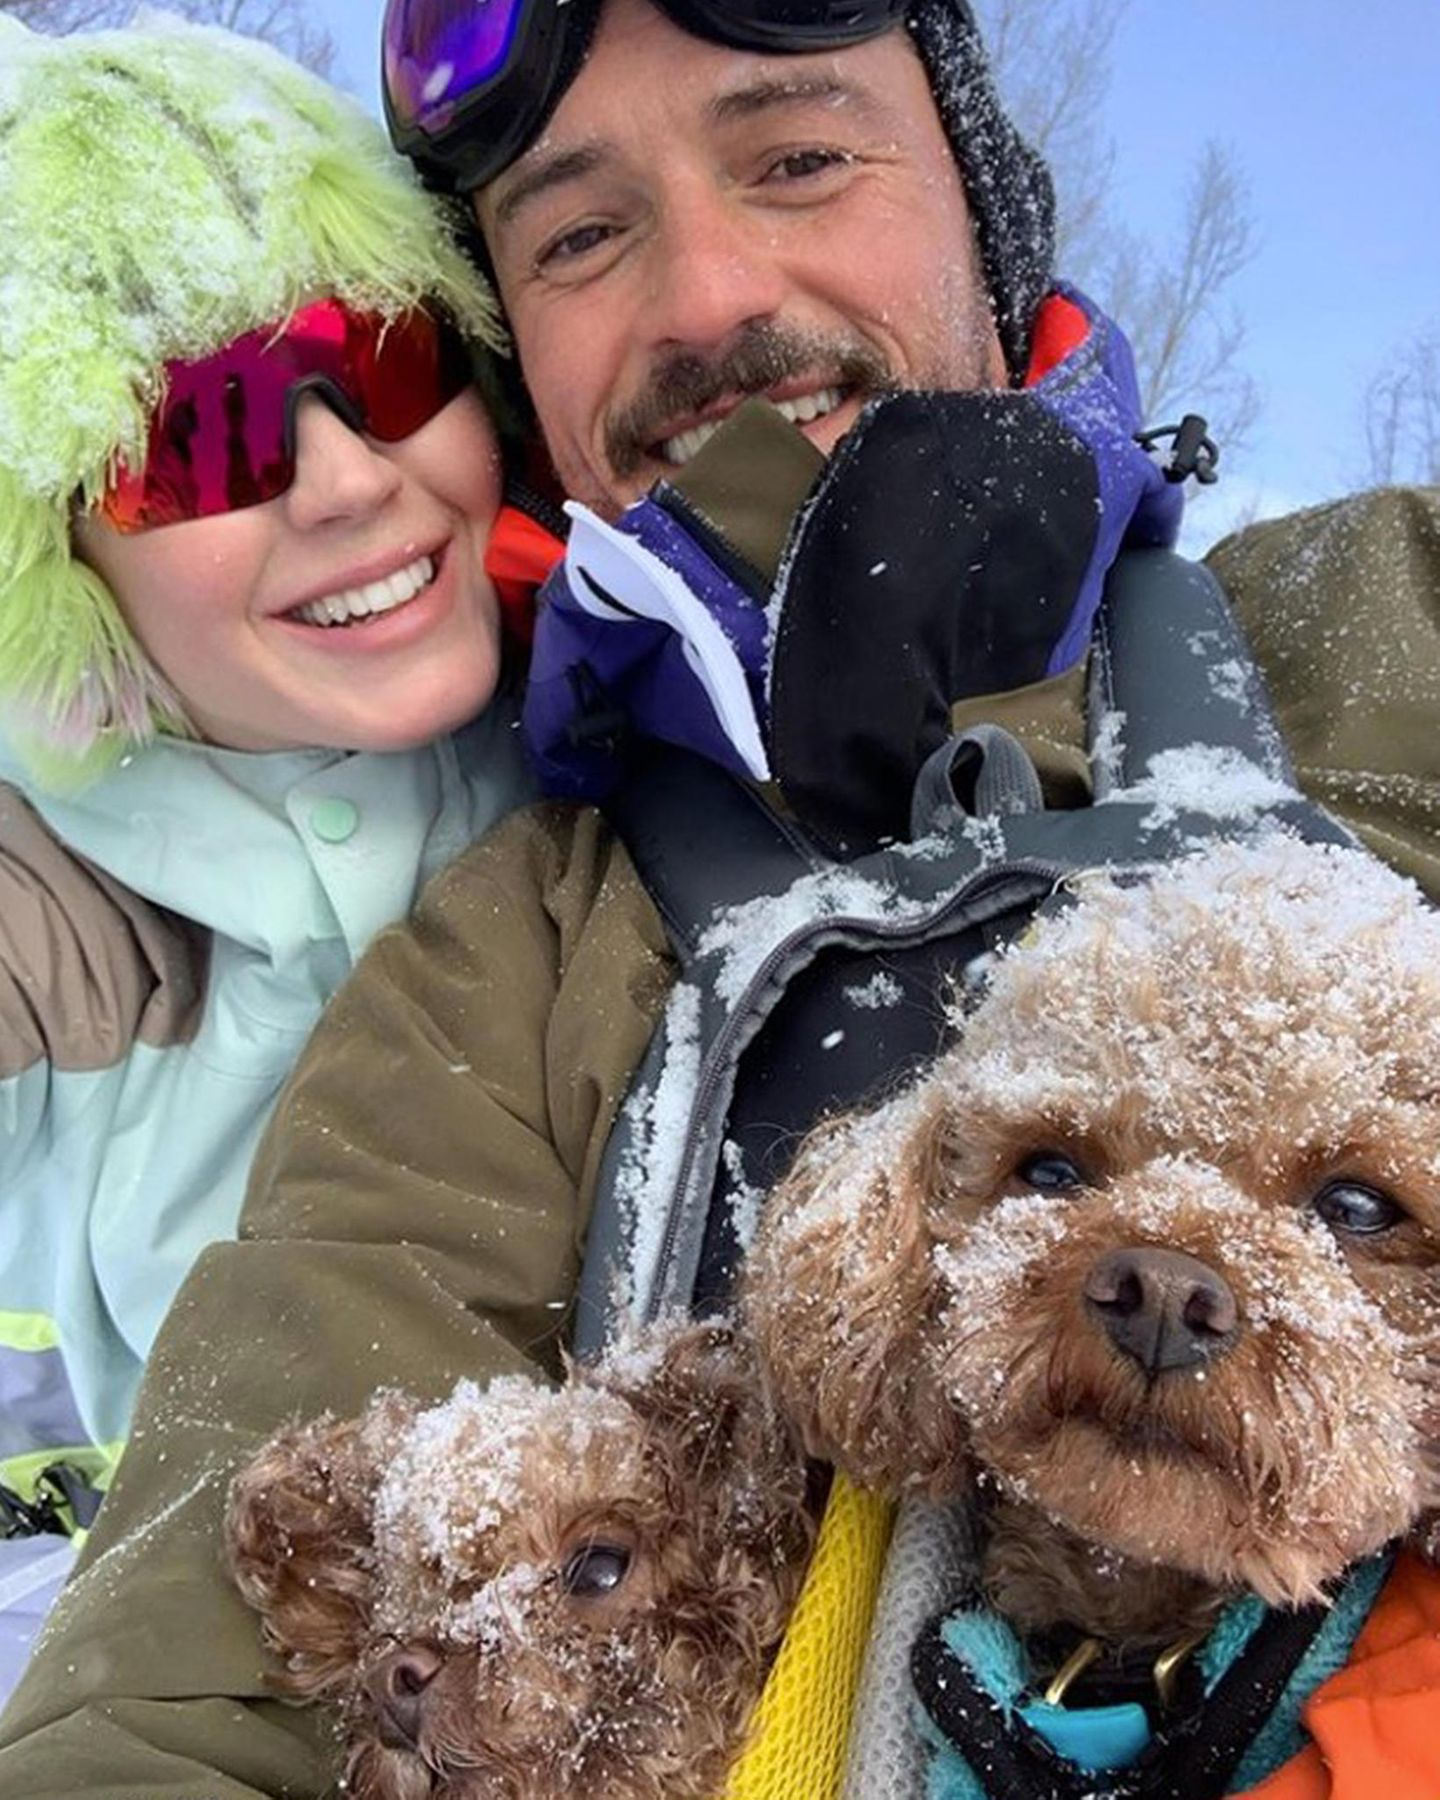 Nicht nur Katy Perry und Orlando Bloom haben ihren Spaß im Schnee, sogar den beidenMinipudeln Nugget und Mighty gefällt es.